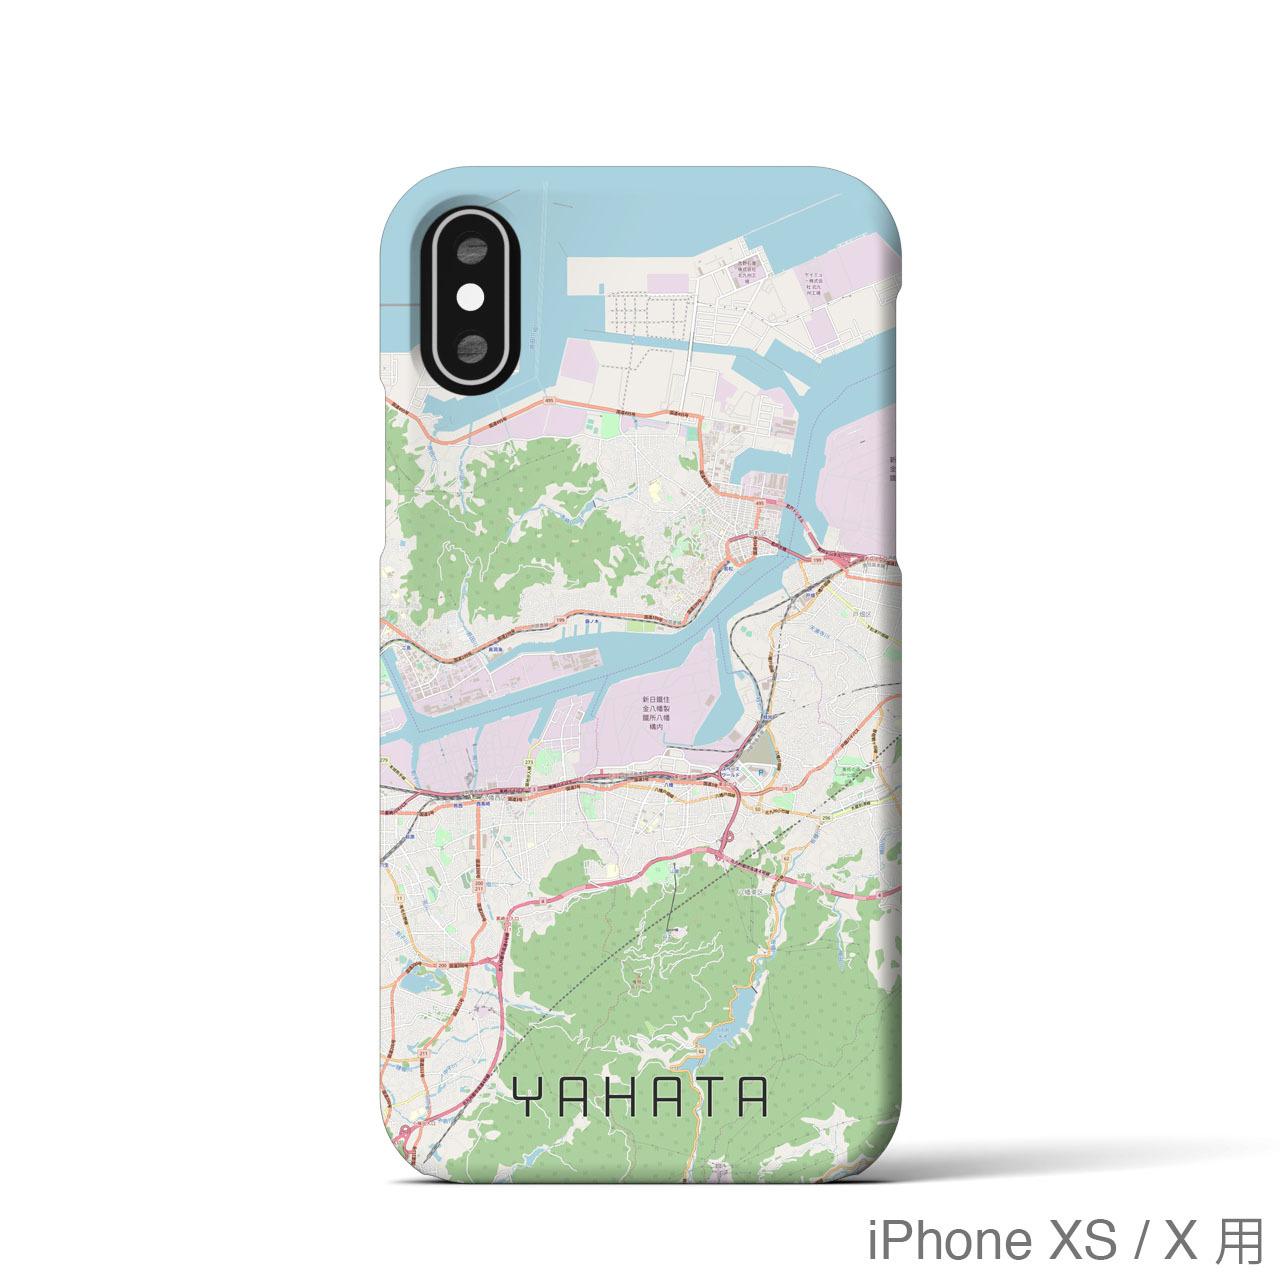 【八幡】地図柄iPhoneケース(バックカバータイプ・ナチュラル)